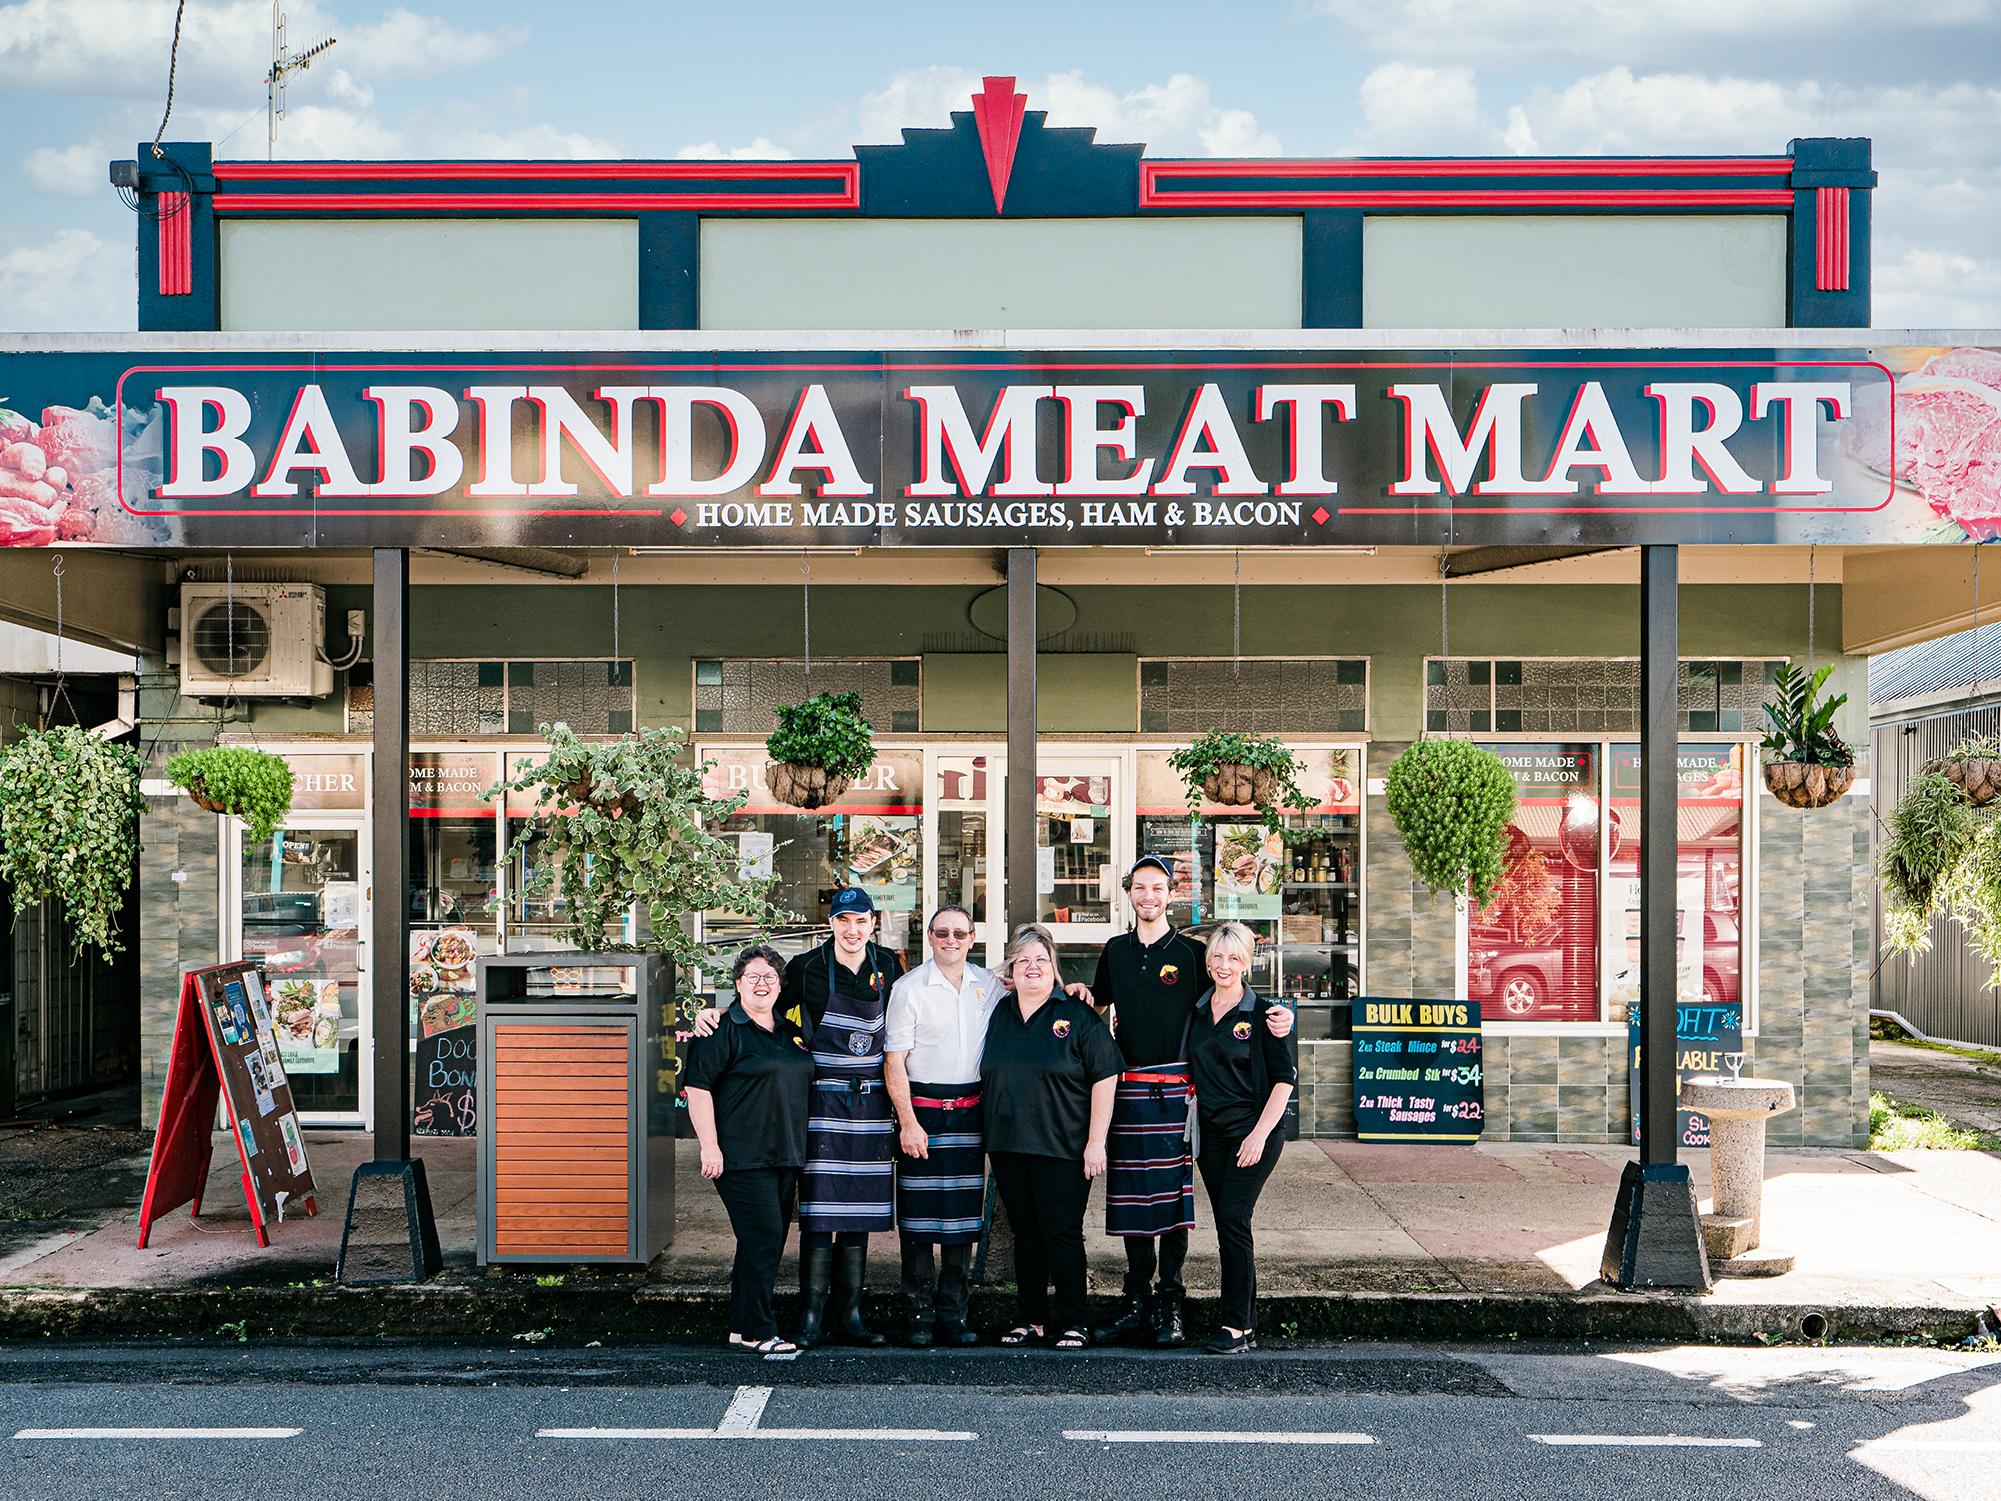 Babinda Meat Mart Brand Image